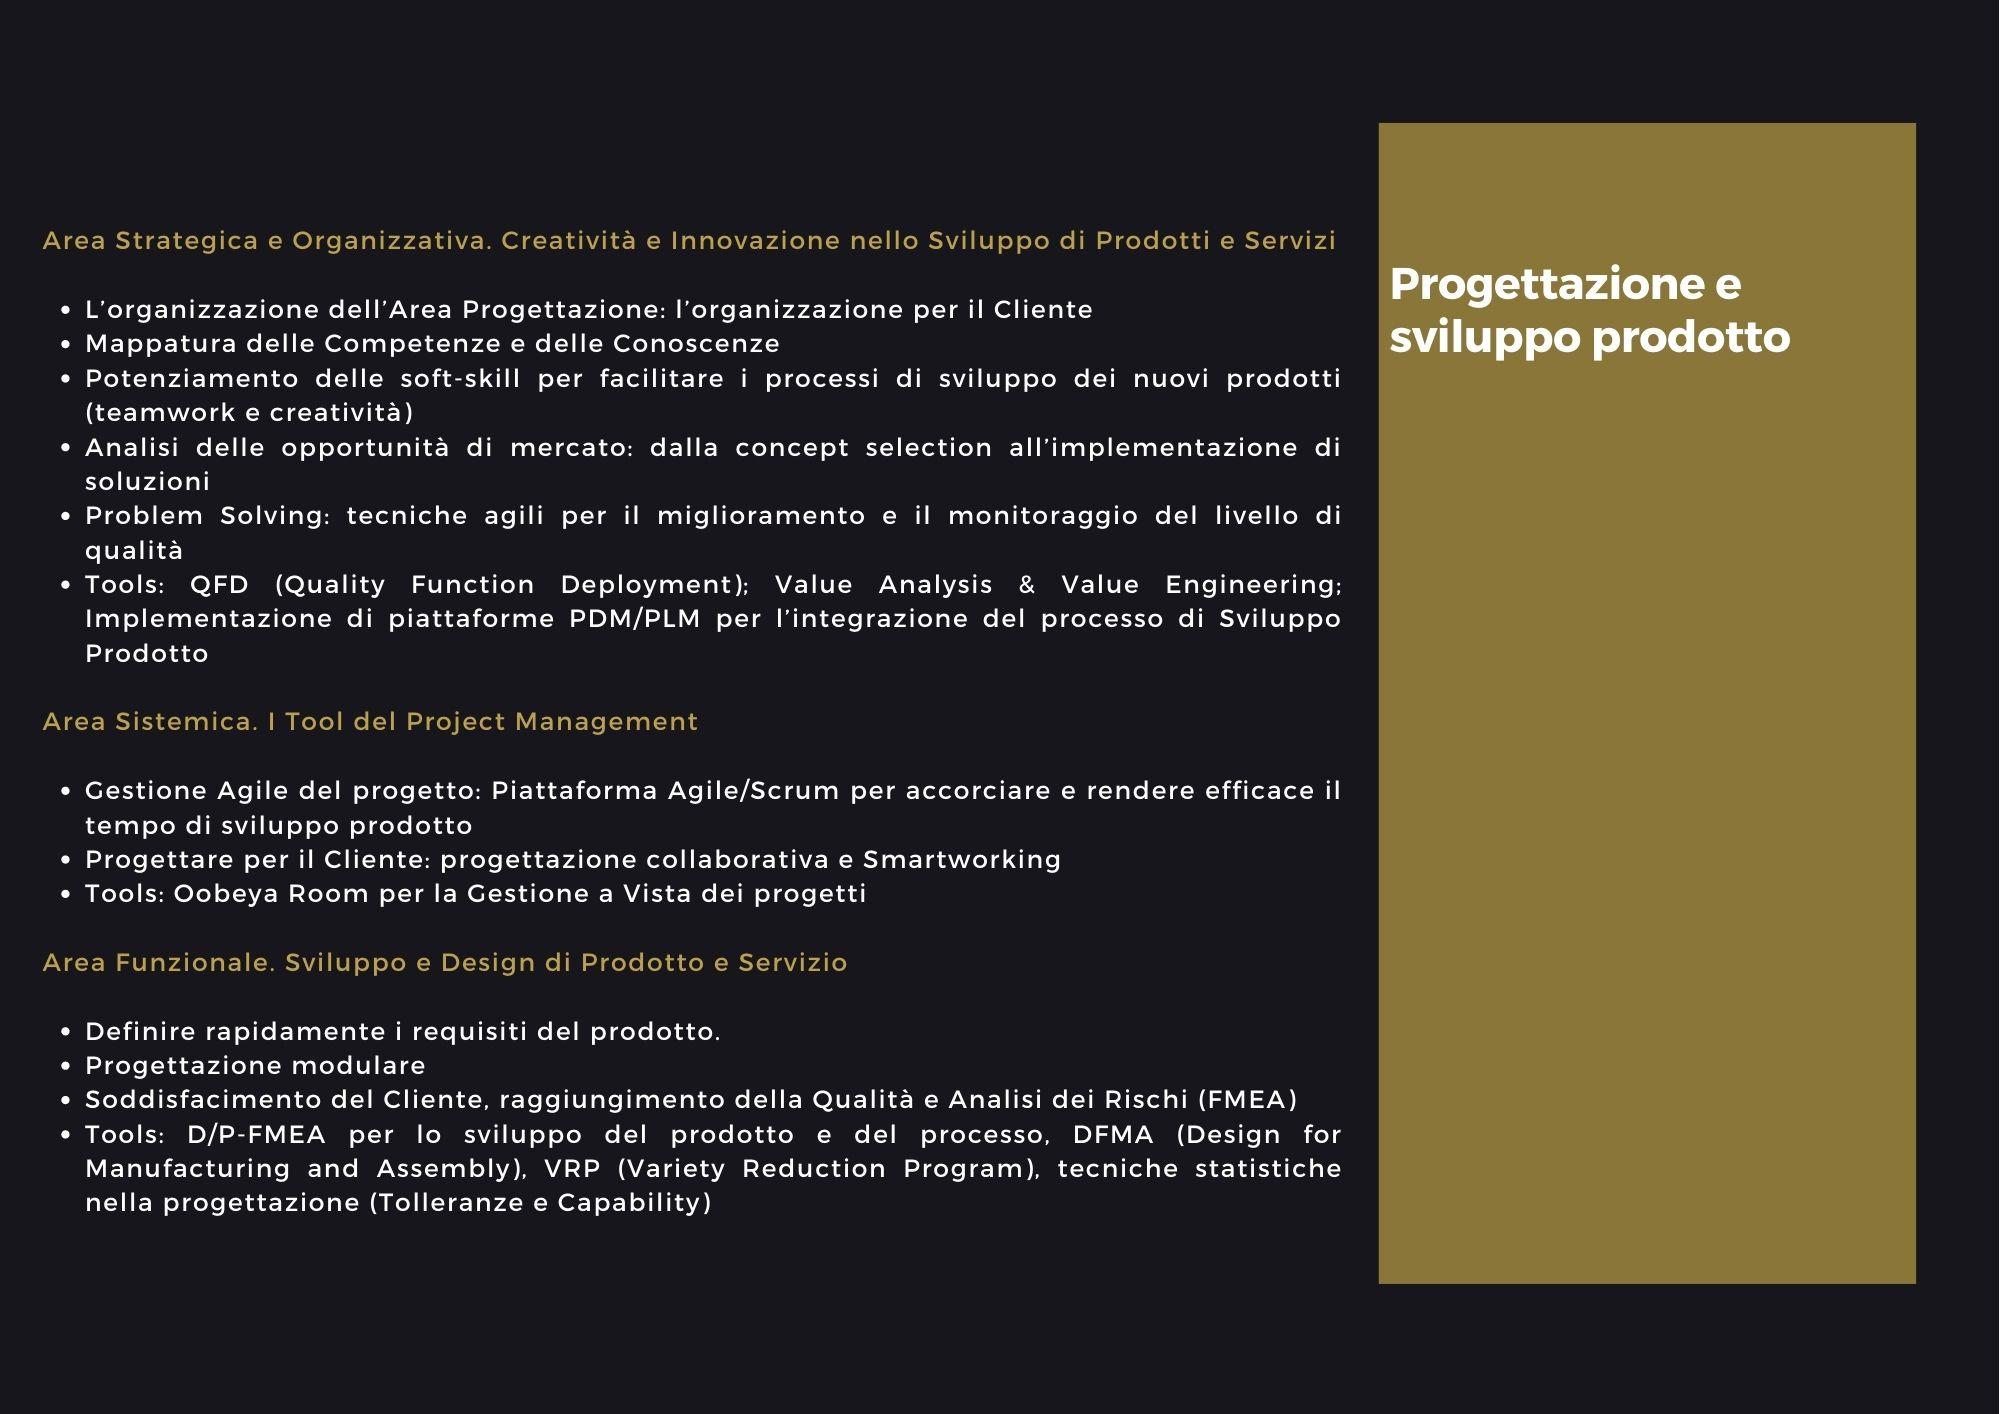 Progettazione e sviluppo prodotto